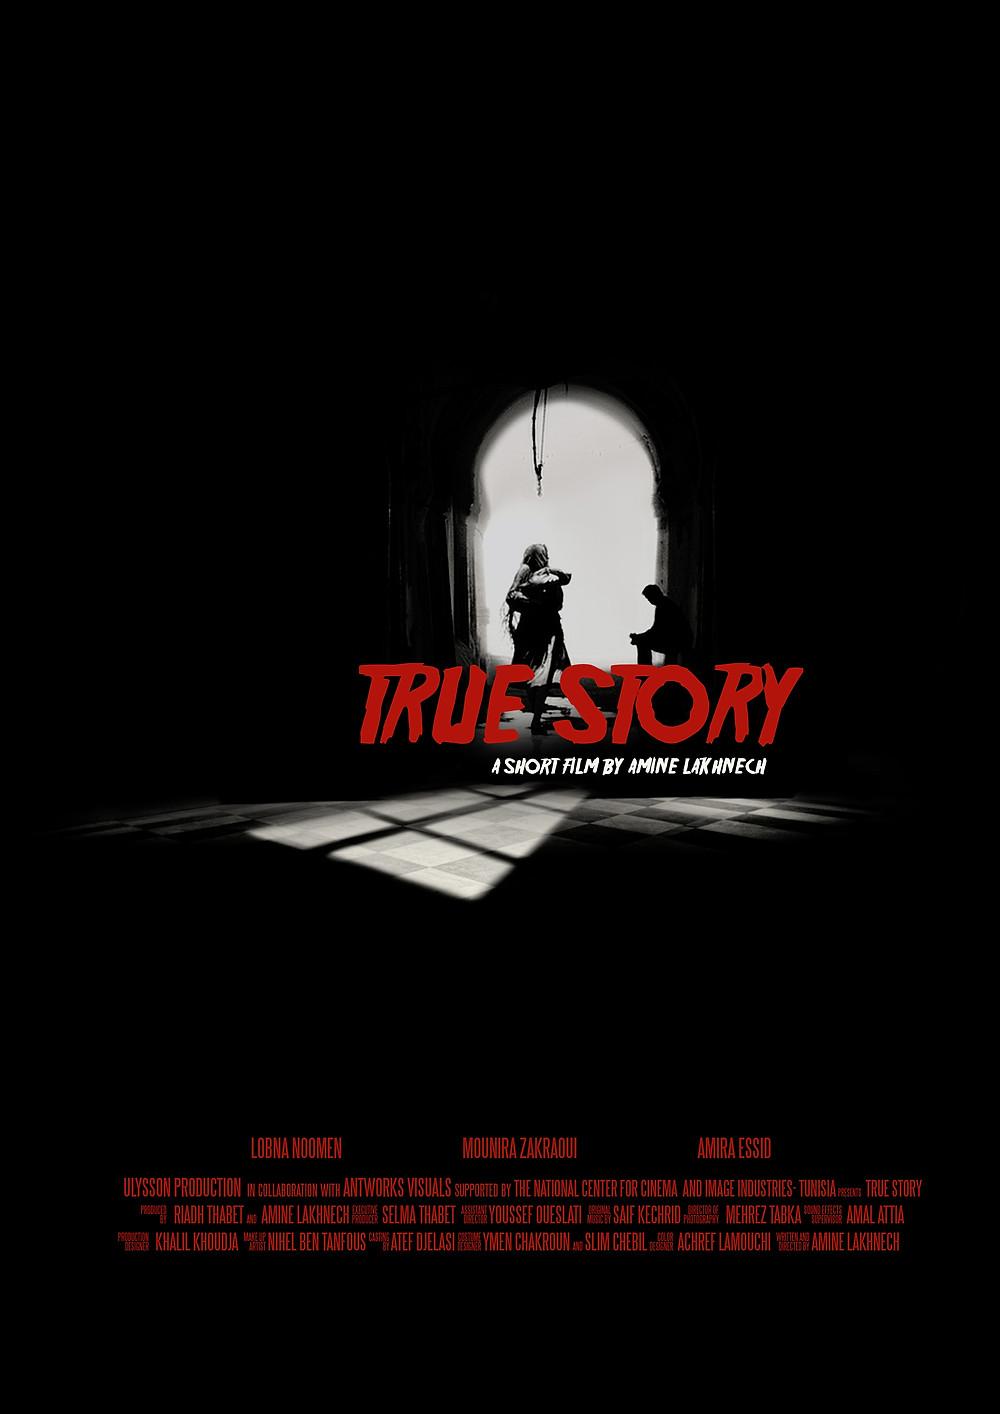 True Story short movie poster